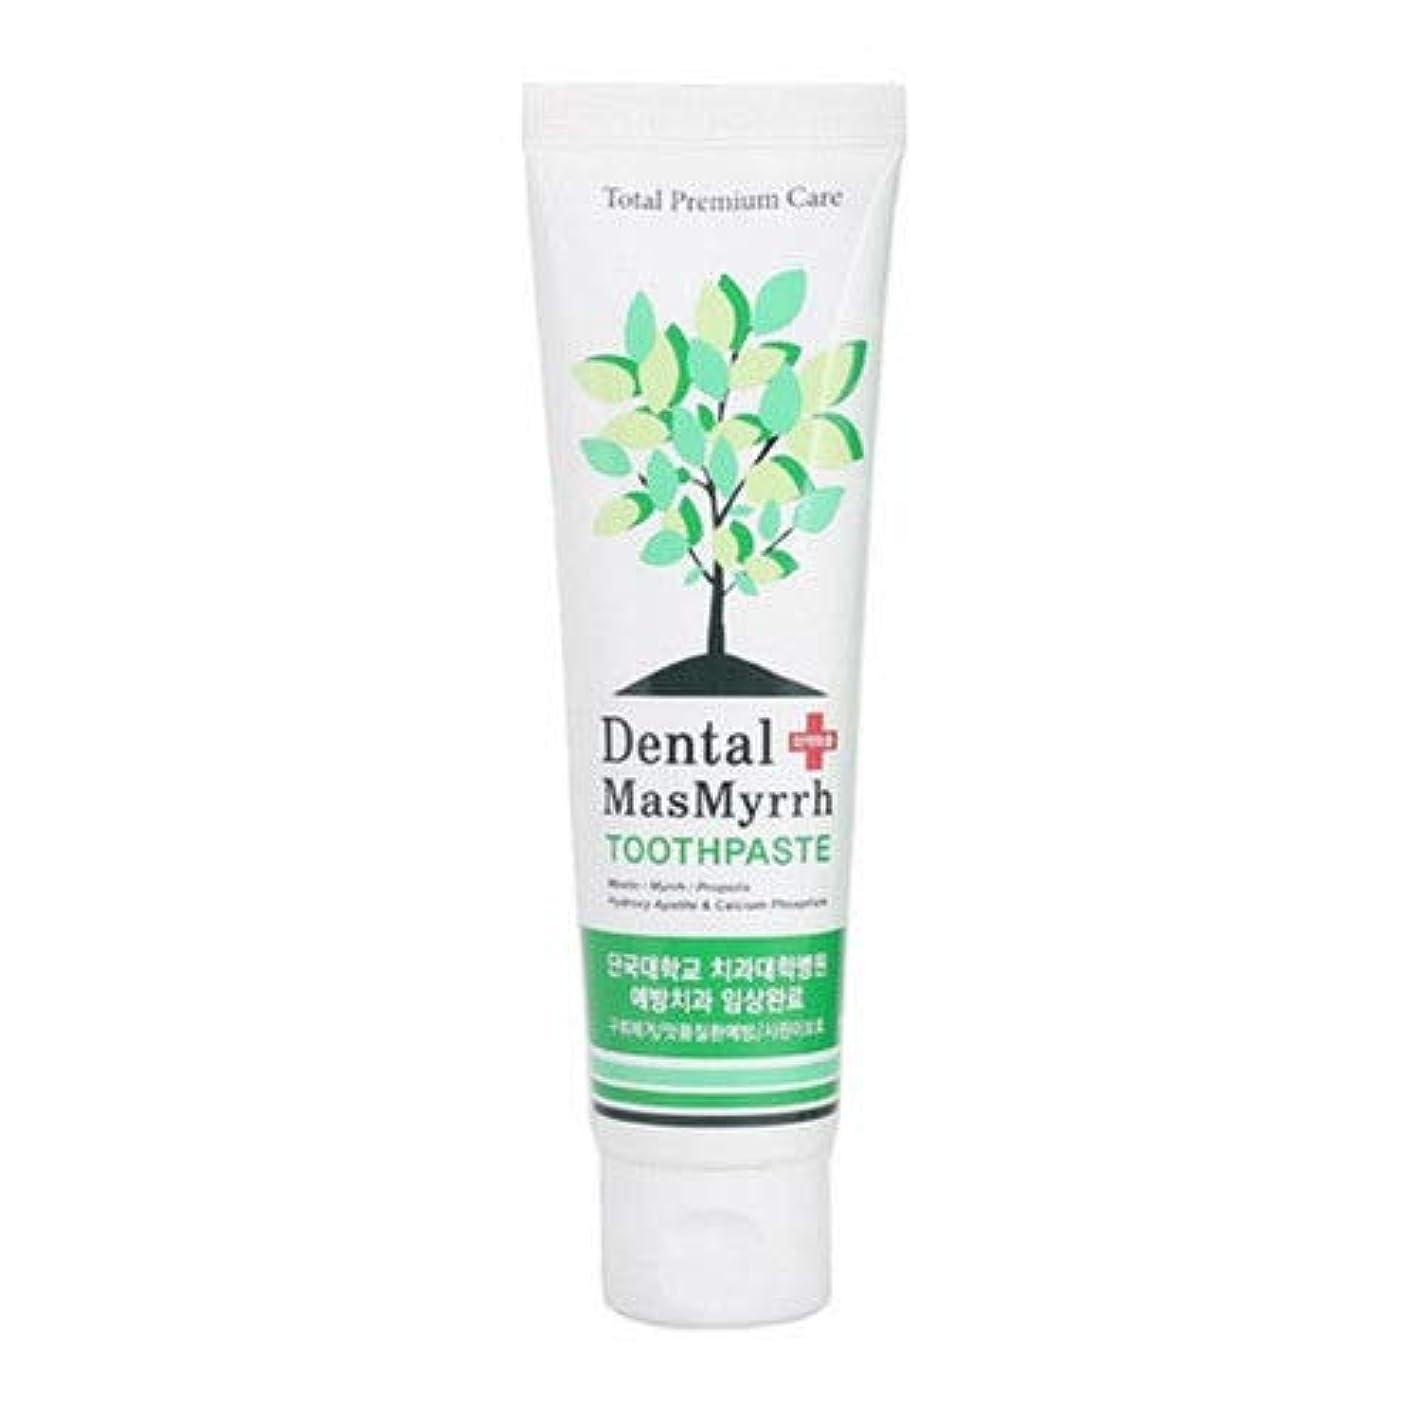 公平長々としおれた天然 ナチュラル キシリトール 歯磨き粉 Natural Hernal Xylitol Anti-plague PBL Tube 歯科用 ハミガキ粉 - 130g[並行輸入品]